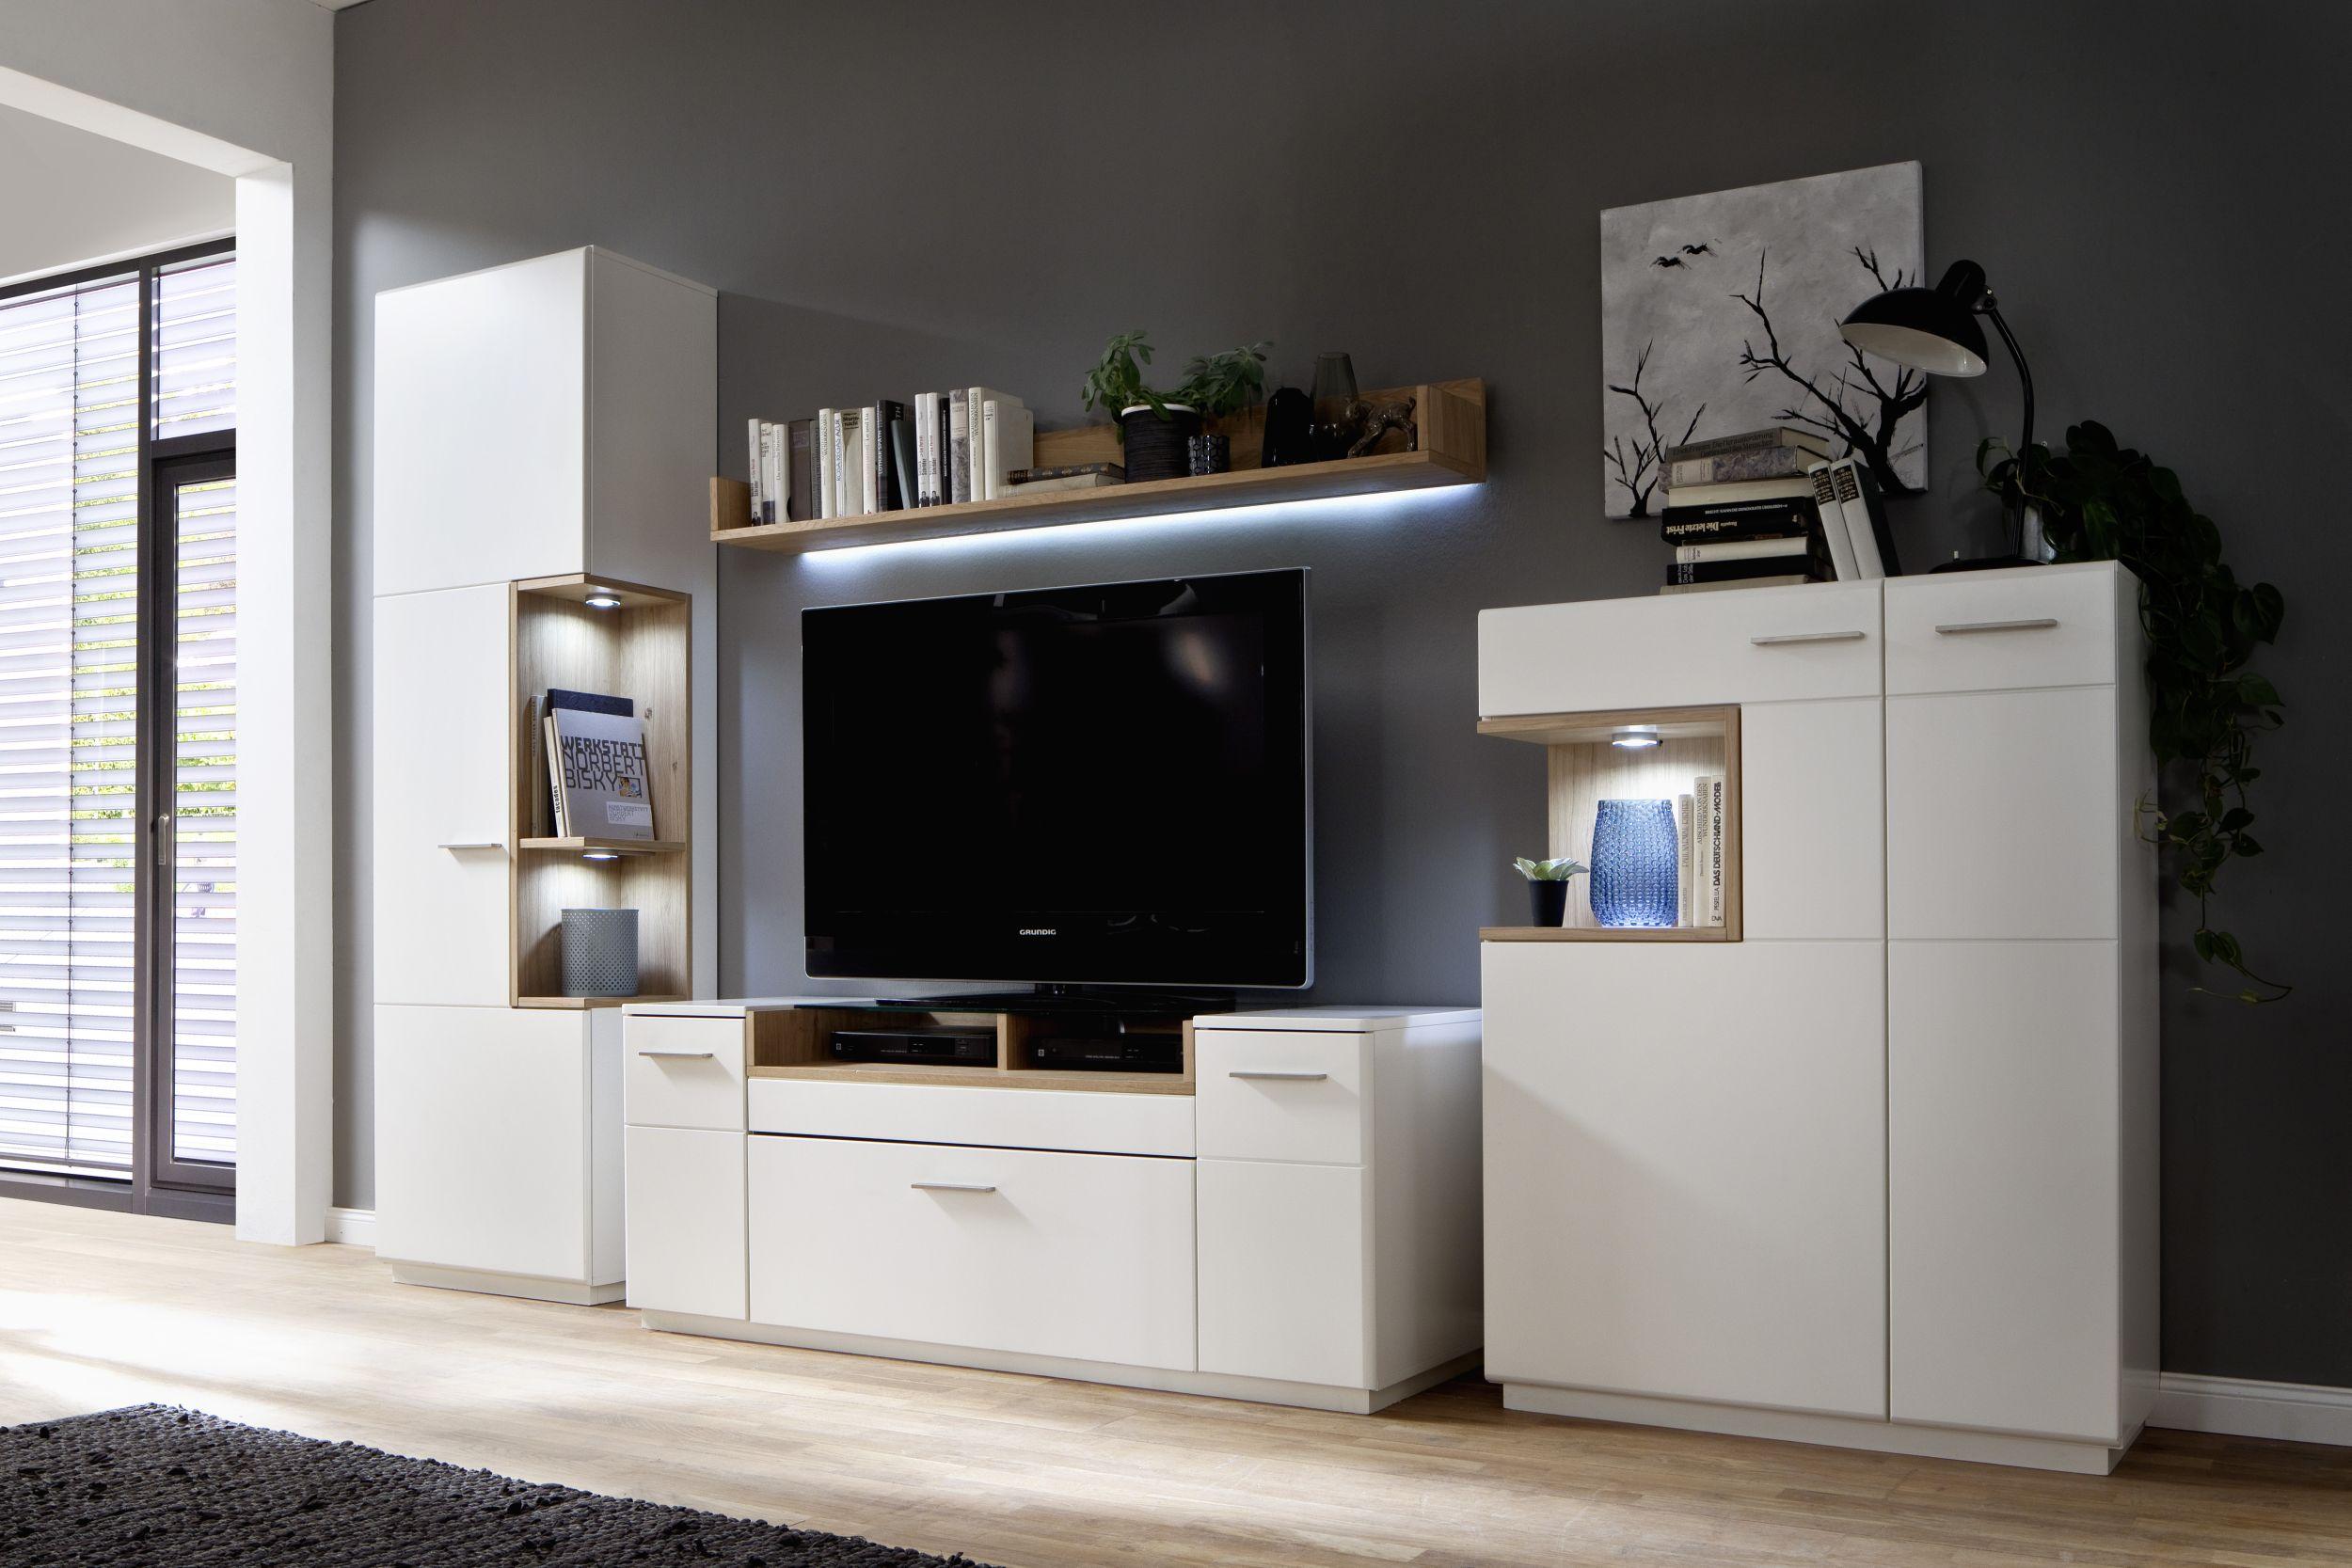 Möbelhaus Deutschland Möbel Und Küchen In Atzelgift Möbelhaus Und